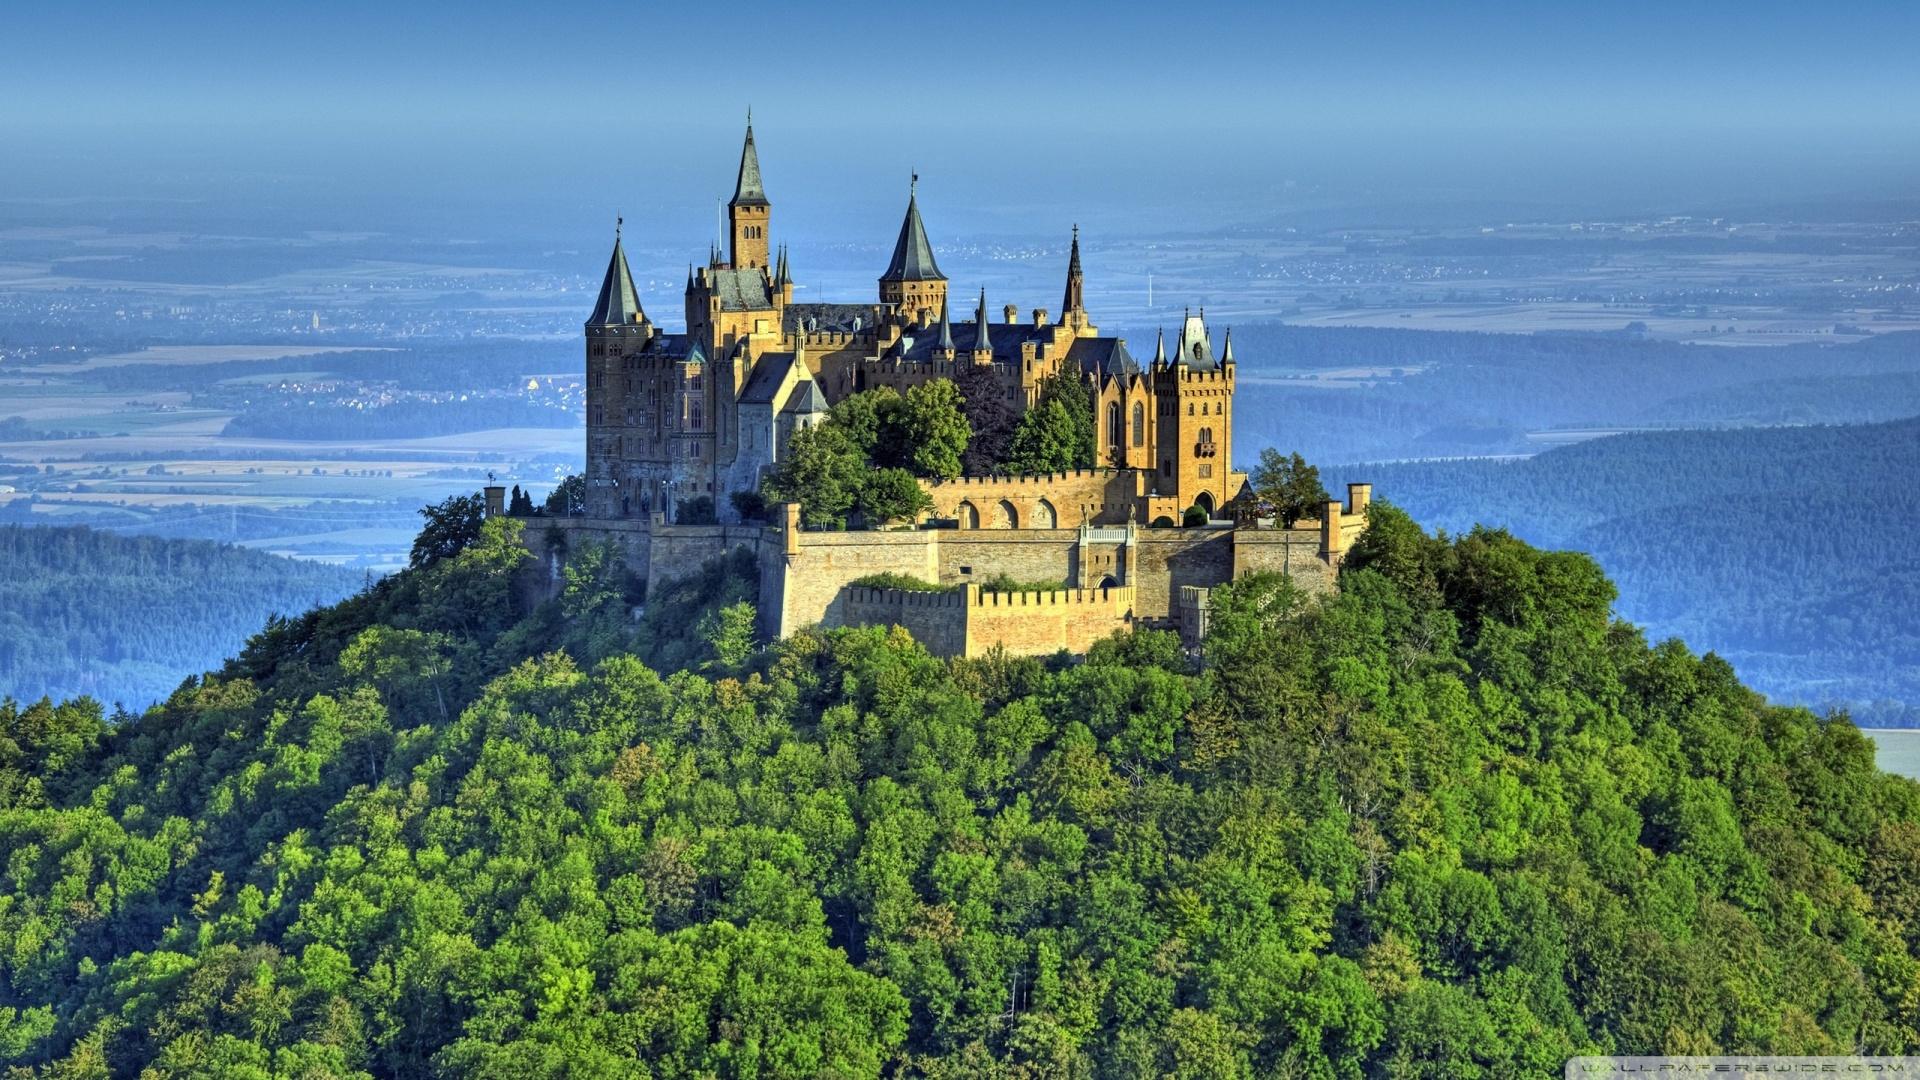 Mountain Castle - Mountain Castle